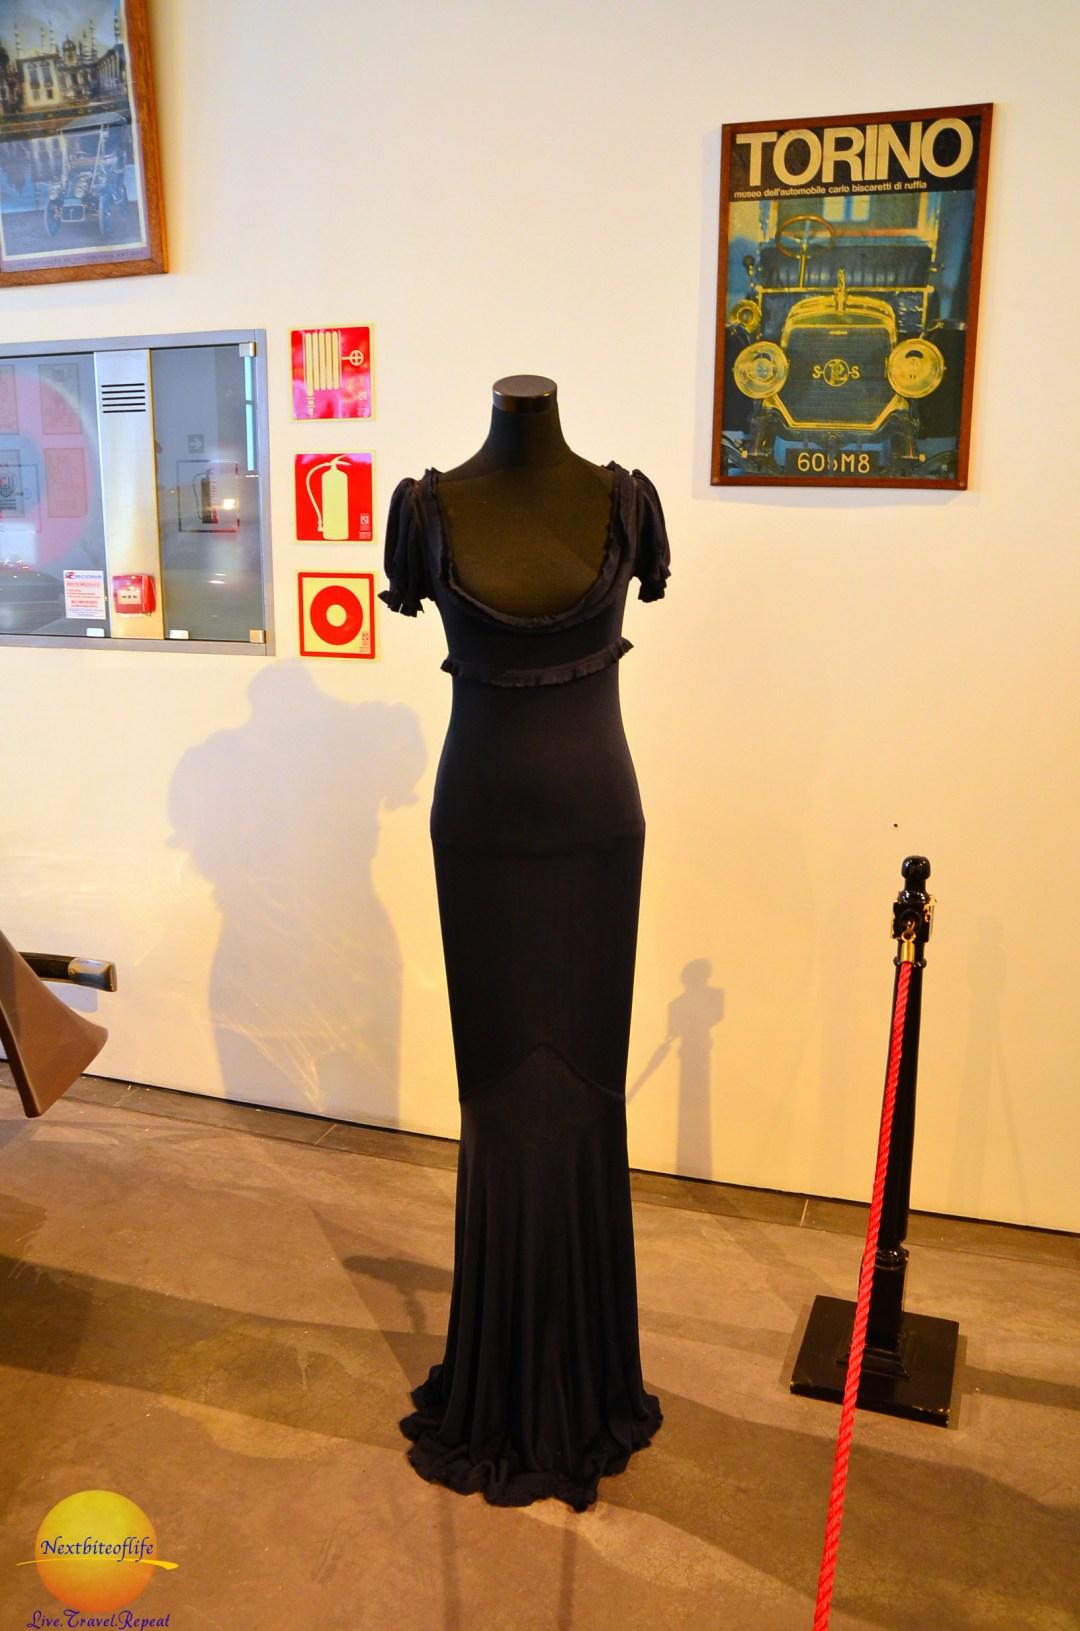 The Naomi Campbell dress.